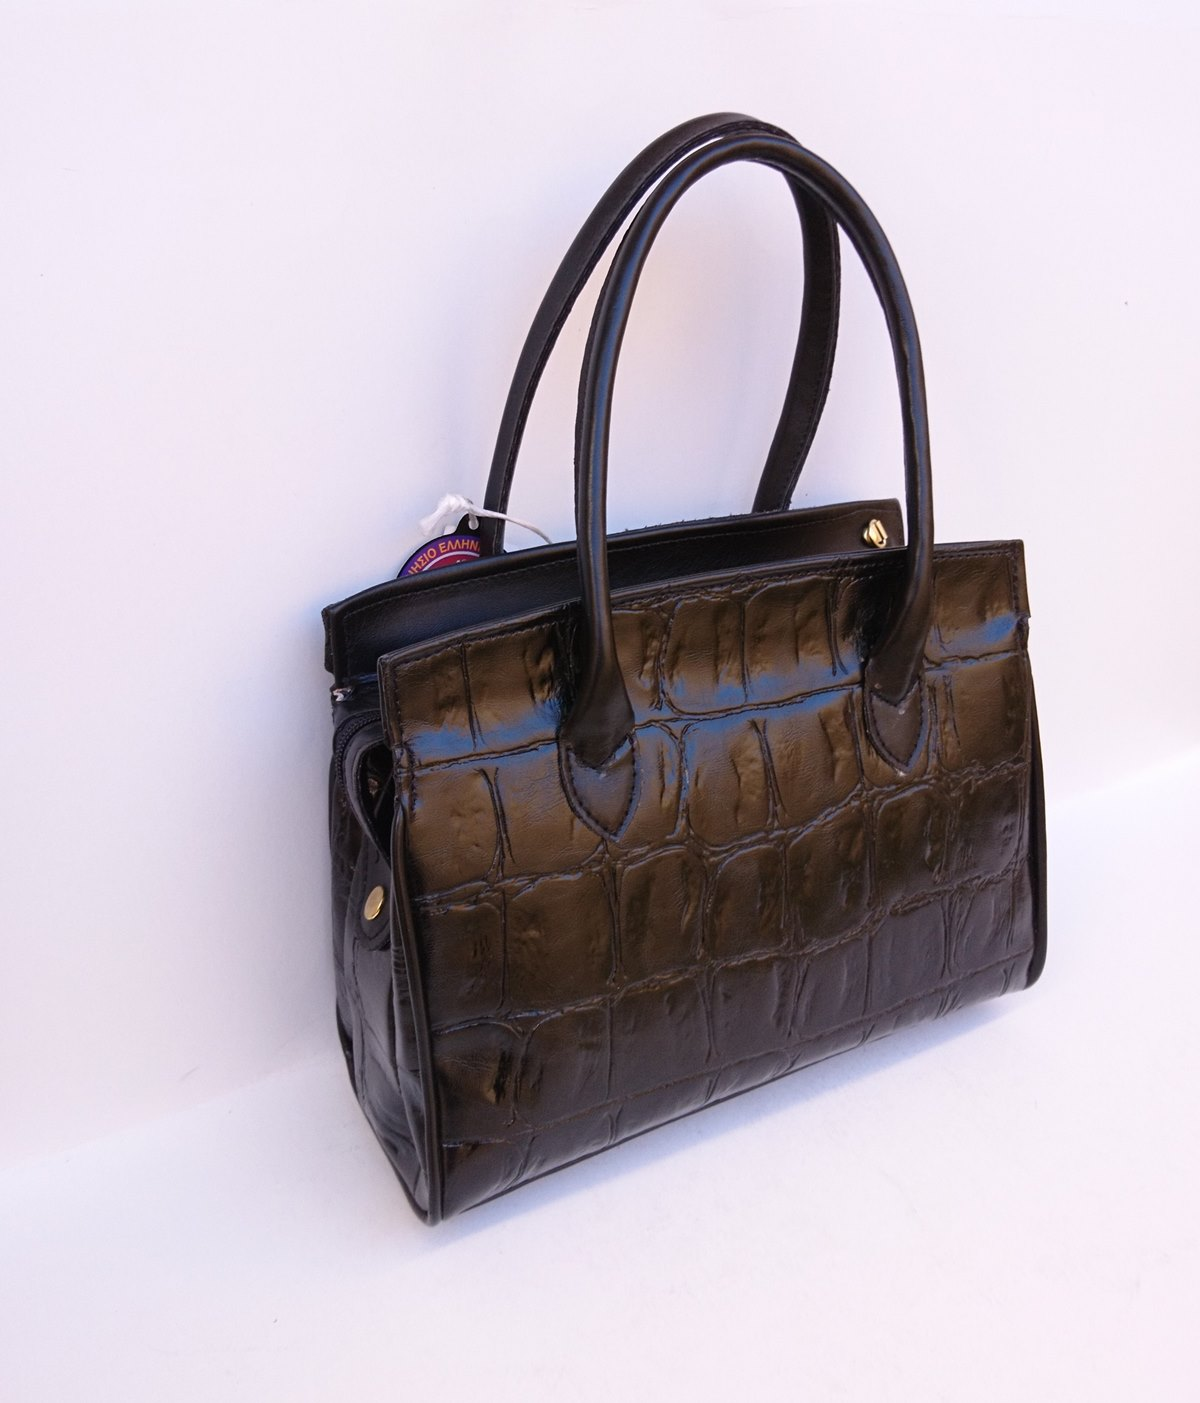 Γυναικεία τσάντα χεριού ώμου 5555 STUDIO MEL μαύρη ανάγλυφο